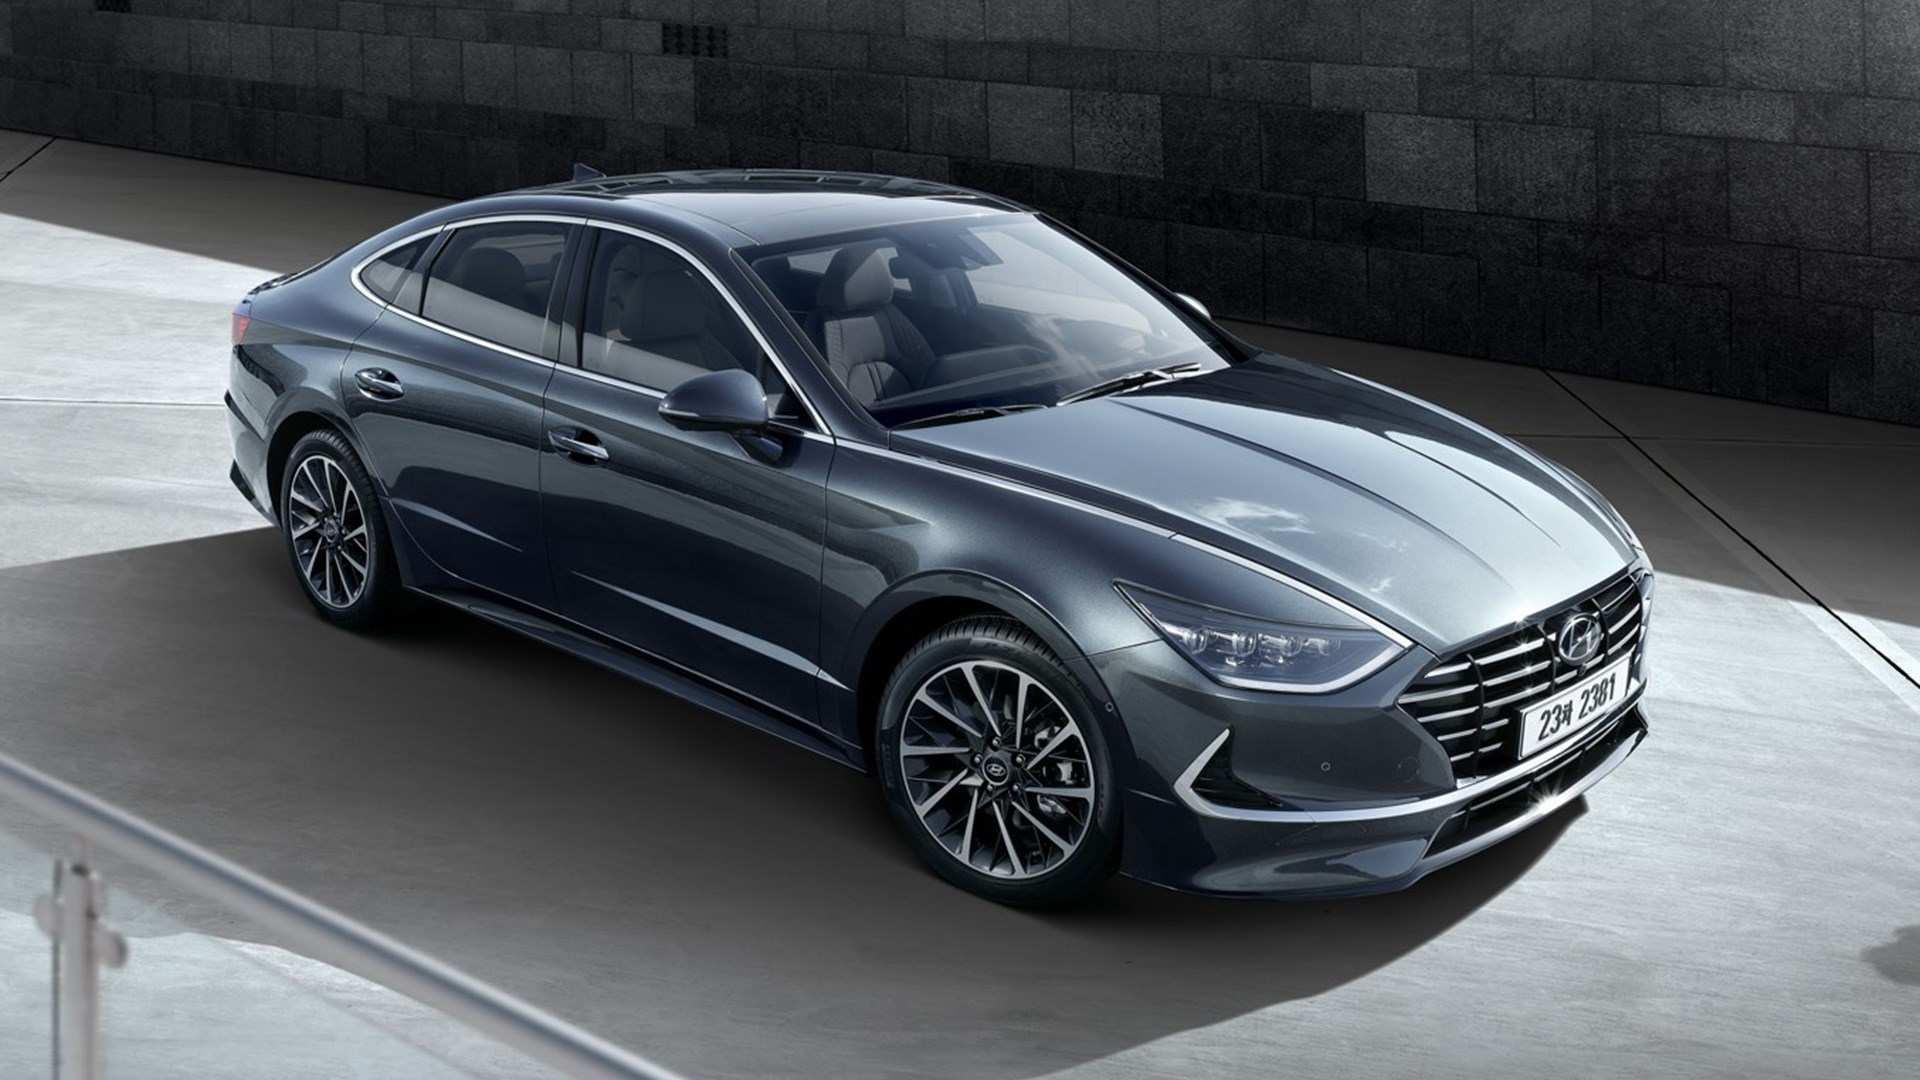 52 Concept of Hyundai Sonata 2020 Price Release for Hyundai Sonata 2020 Price